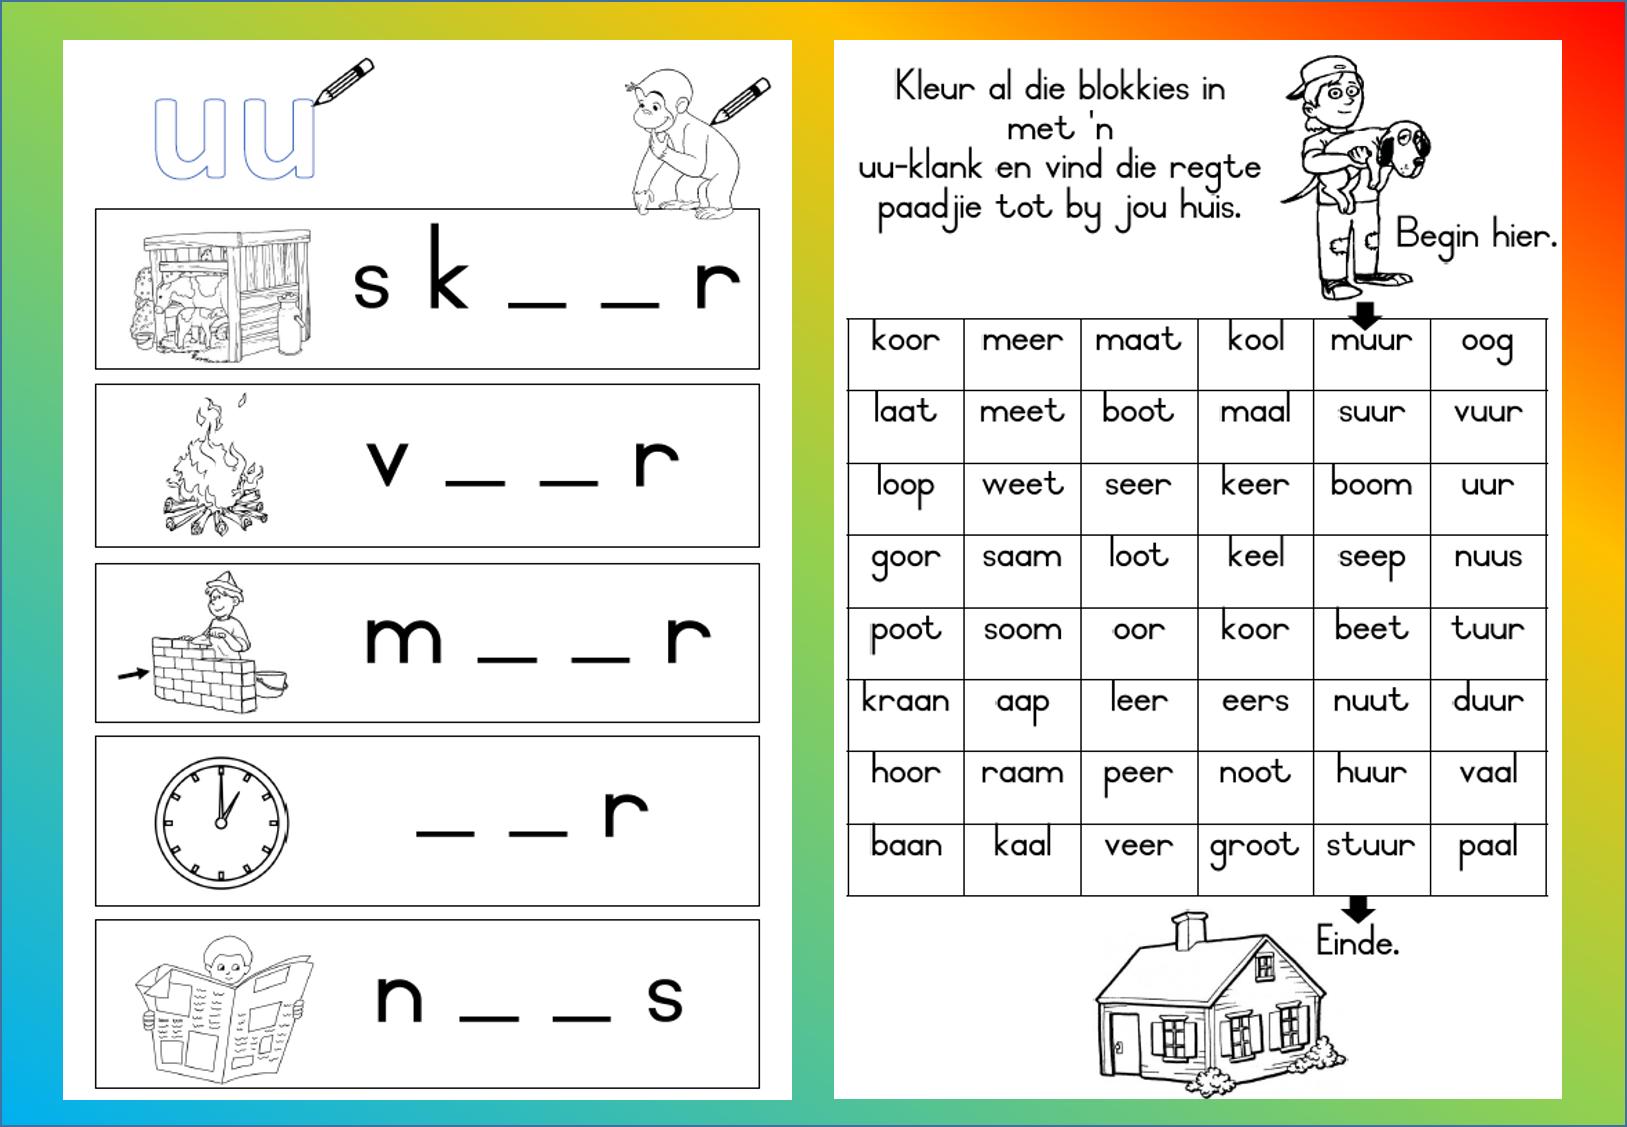 Pin By Komma Leer En Leessentrum On Afrikaans Engels En